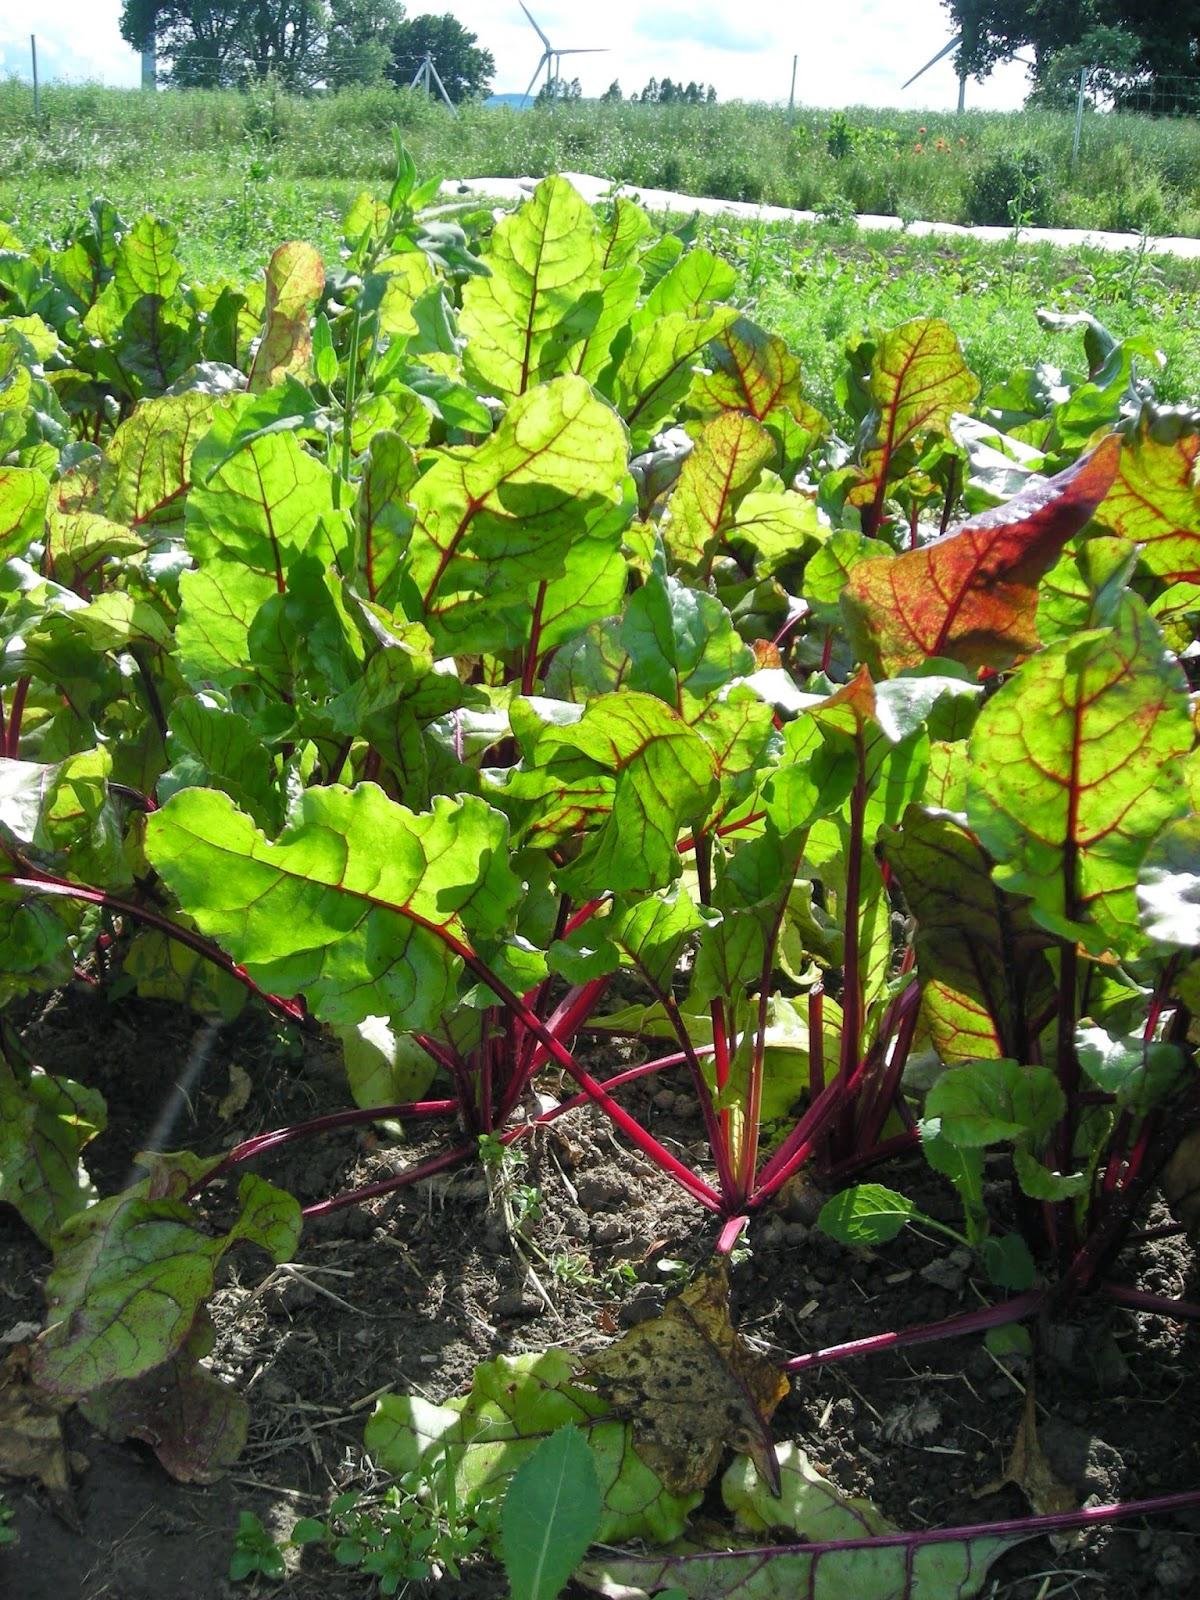 vegane solidarische Landwirtschaft